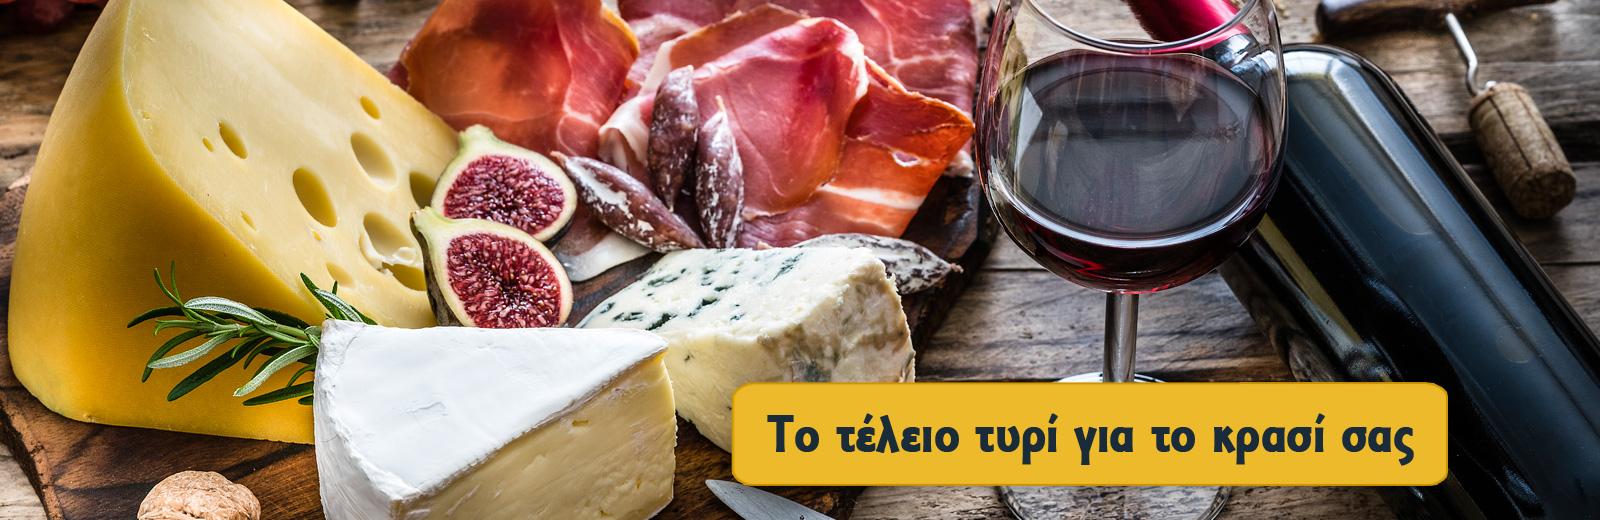 Το τέλειο τυρί για το κρασί σας